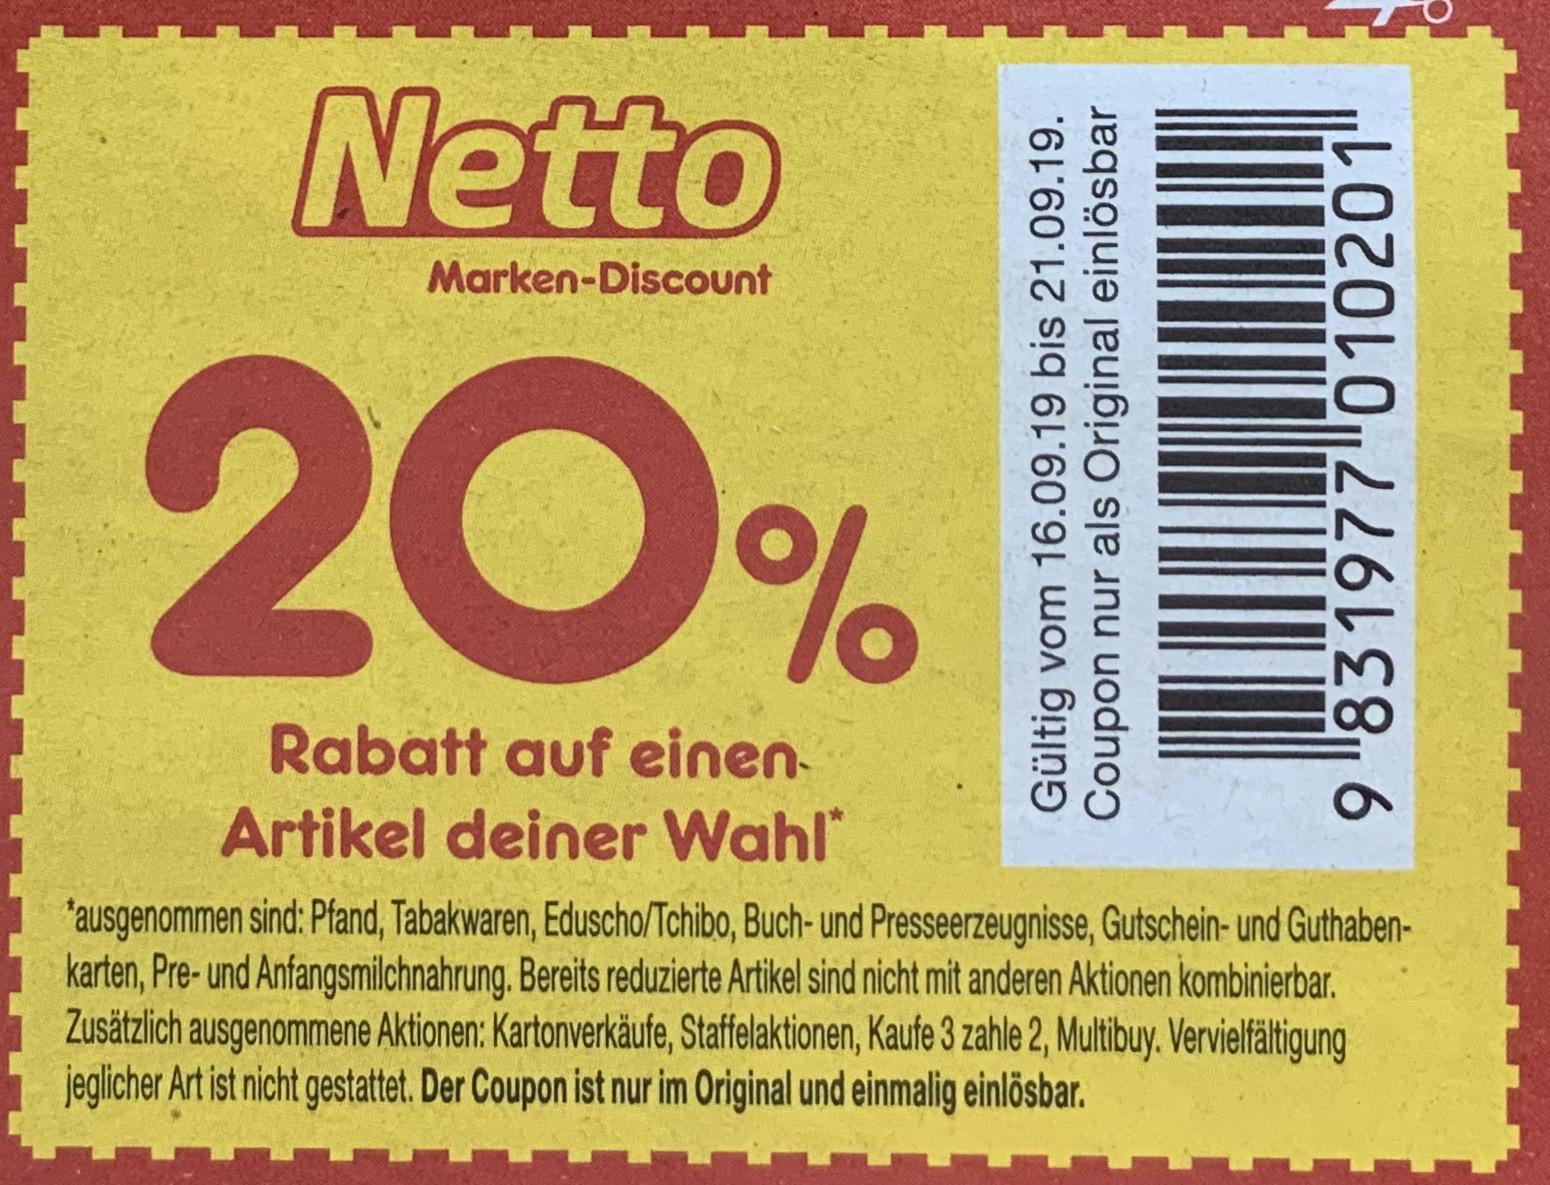 Netto Marken Discount: 20% bzw. 10% Rabatt auf einen Artikel deiner Wahl / lokal im Prospekt, aber evtl. bundesweit nutzbar